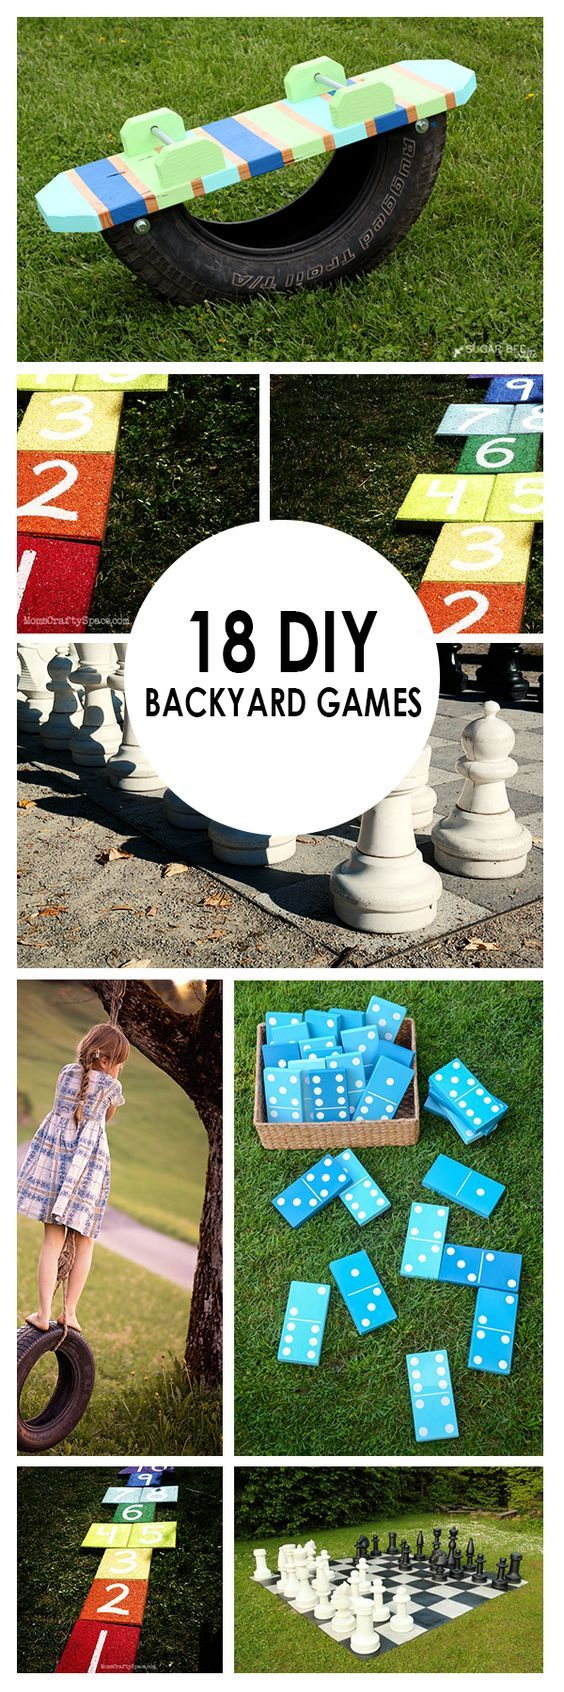 Juegos 18 de bricolaje del patio trasero: